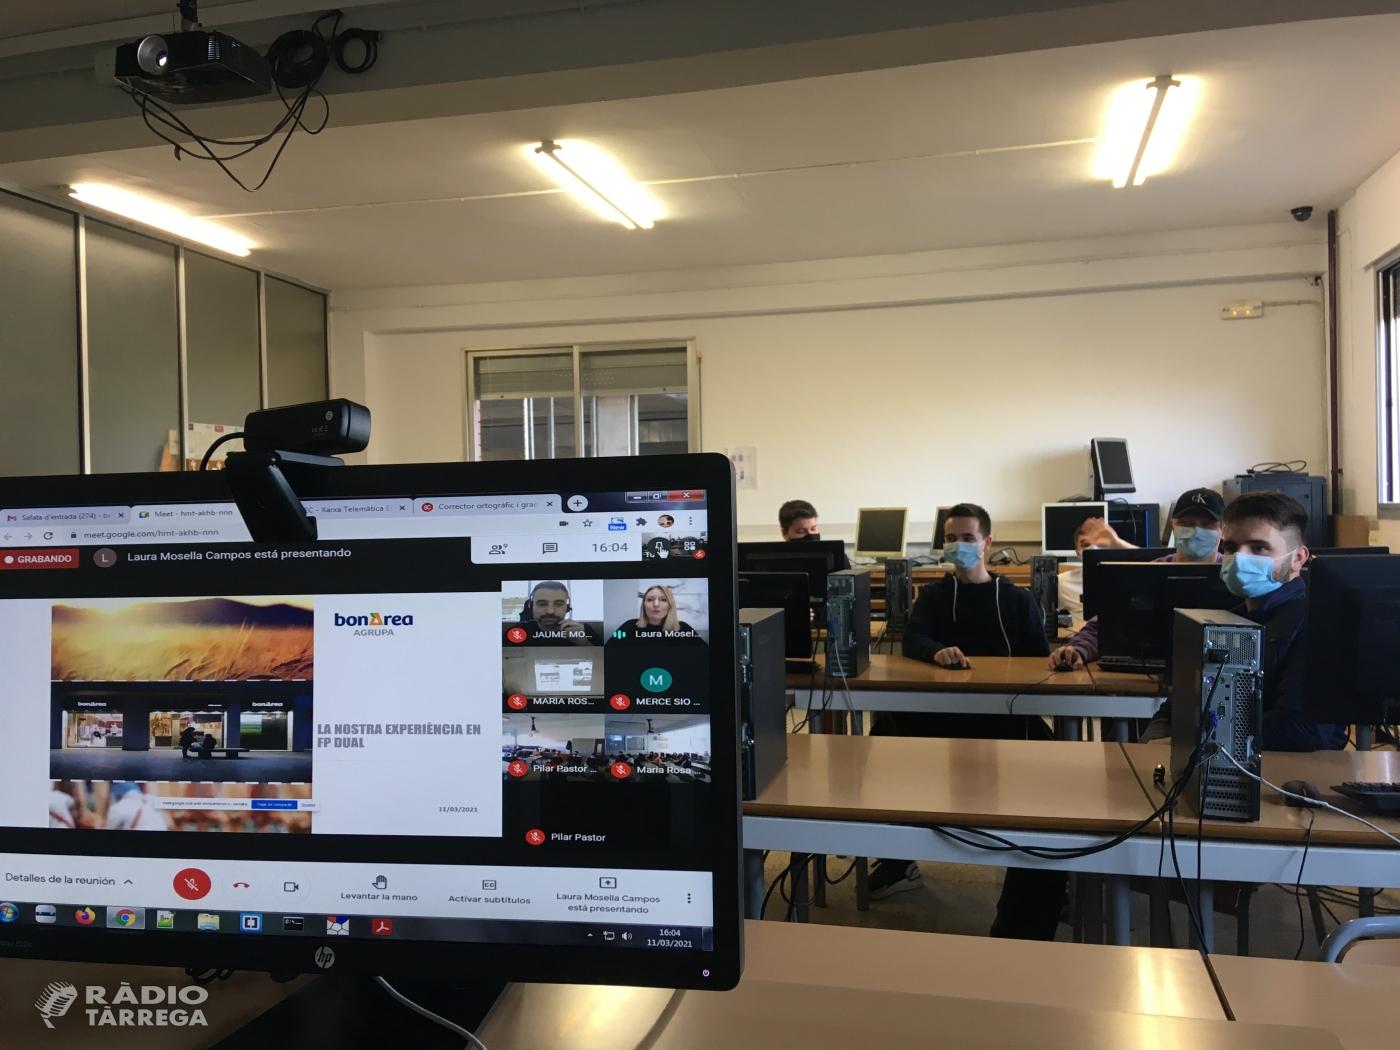 L'Institut Alfons Costafreda de Tàrrega organitza les primeres jornades FP Dual per fomentar l'ocupabilitat